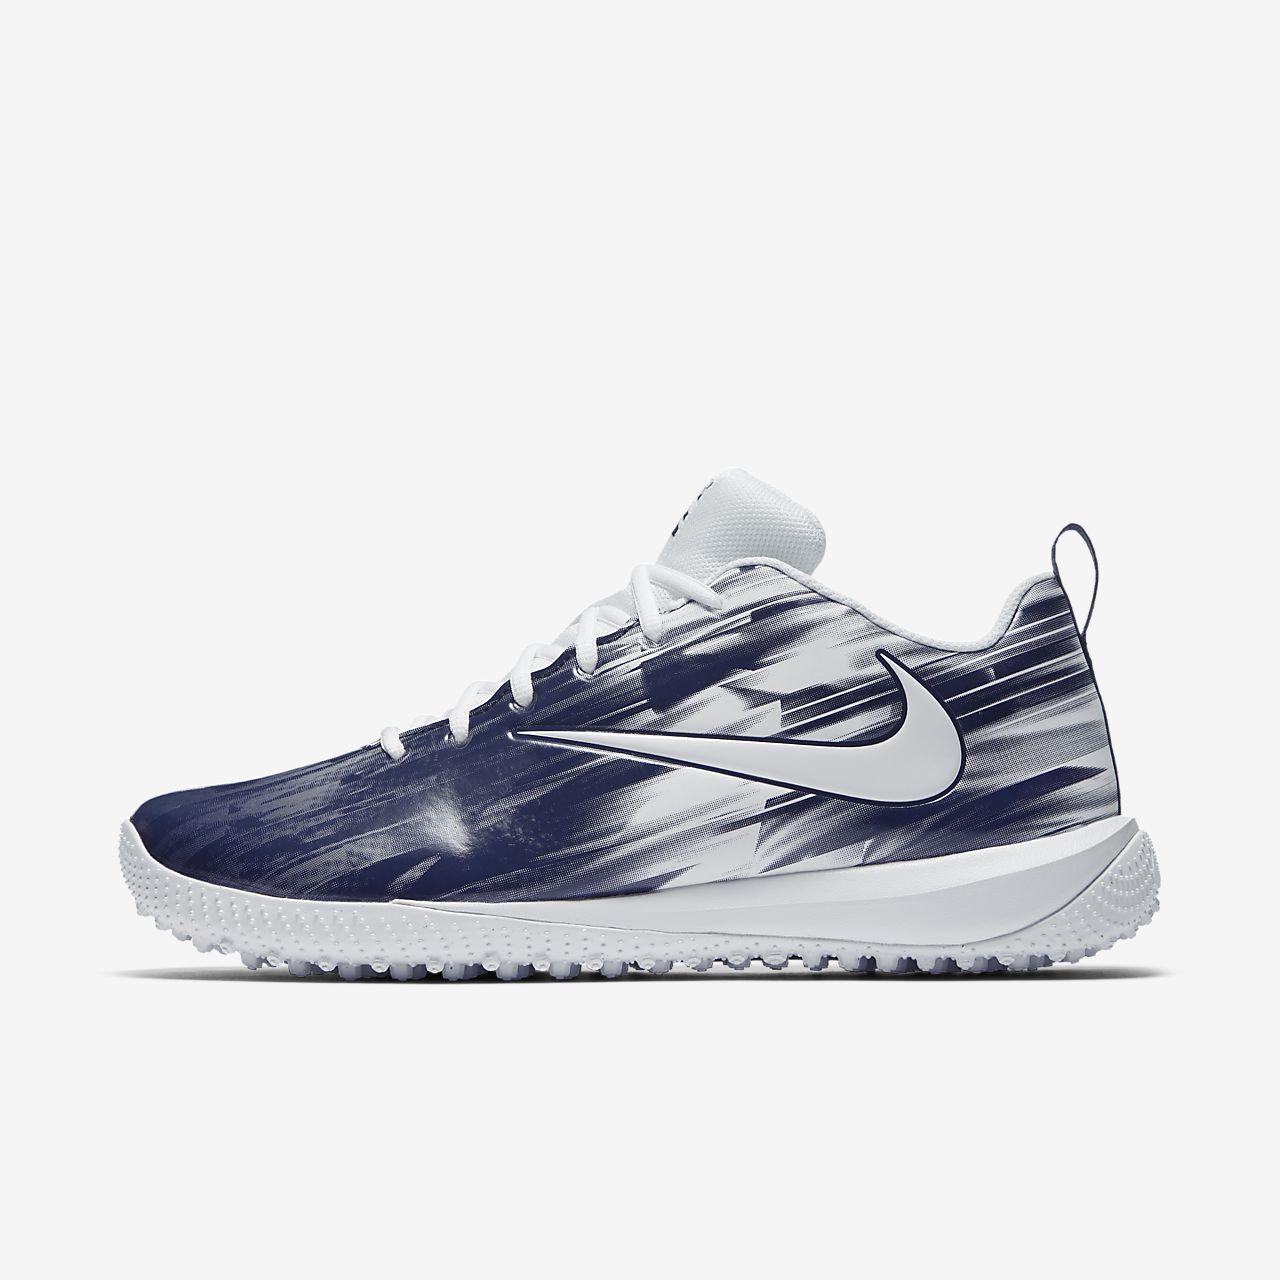 ... Nike Vapor Varsity Low Turf LAX Lacrosse Shoe